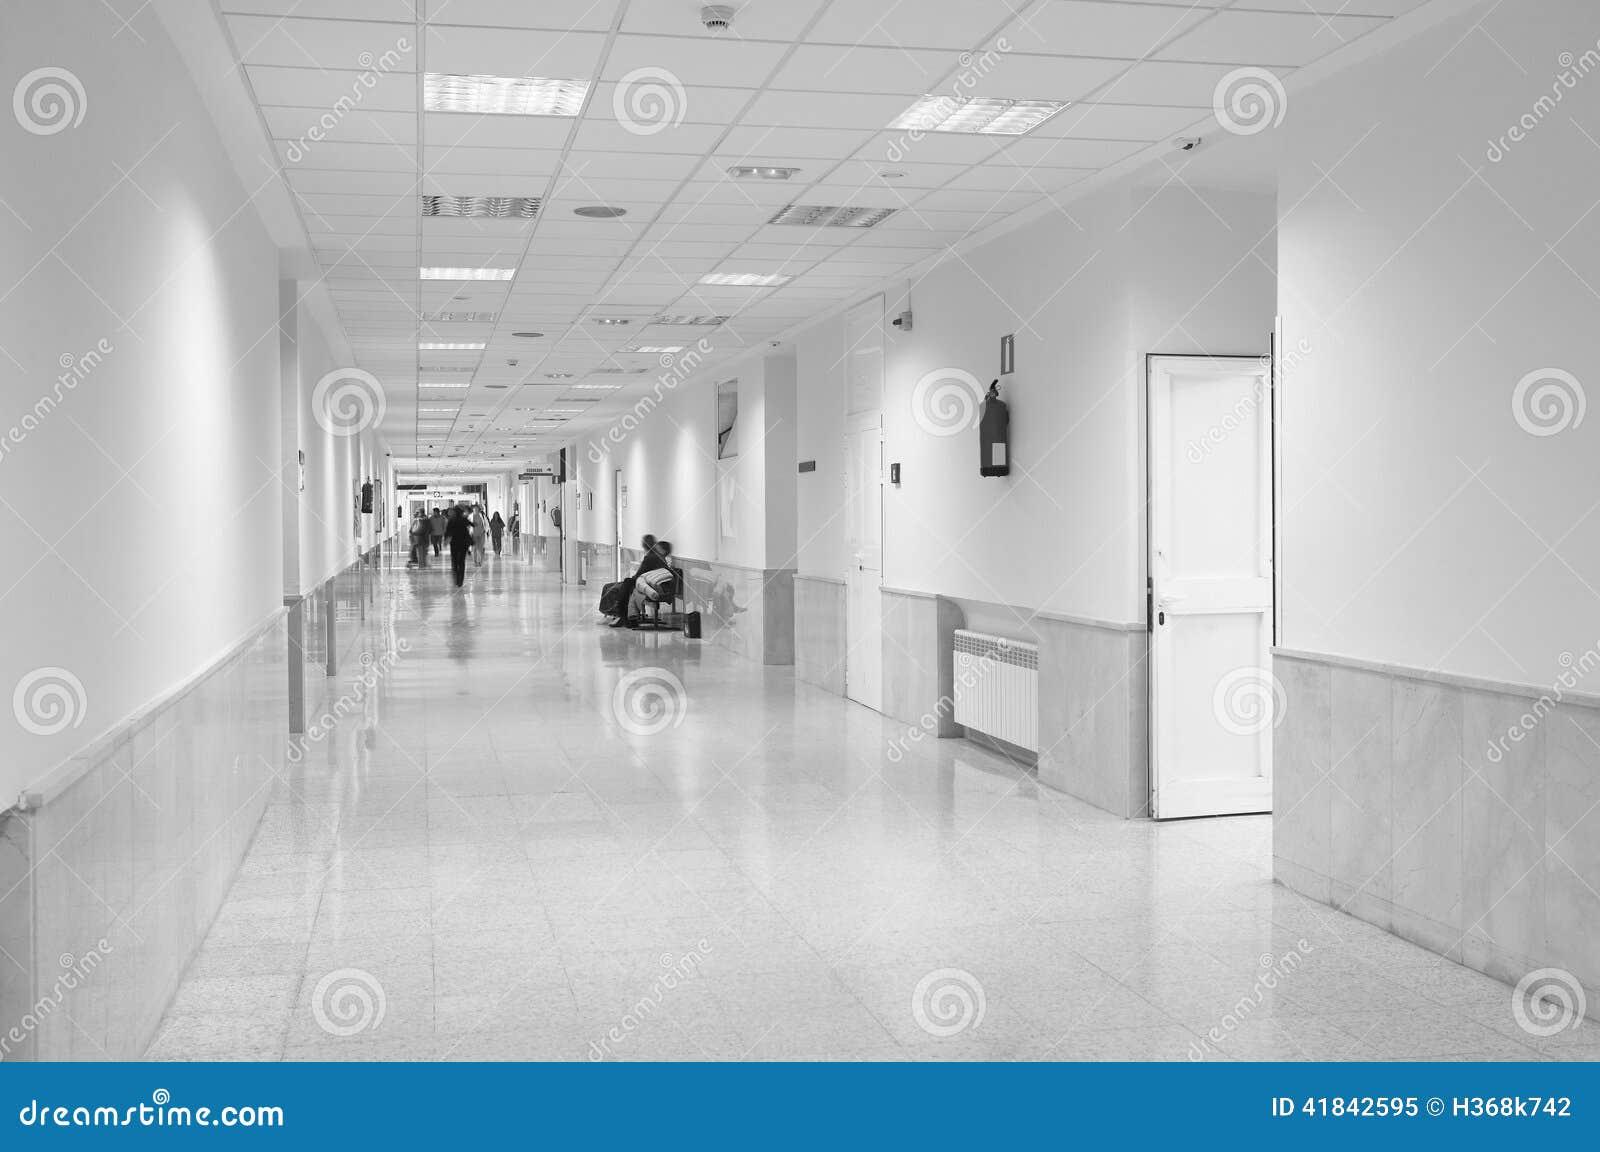 Hospital Corridor Lighting Design: Hospital Corridor In Black And White Stock Image